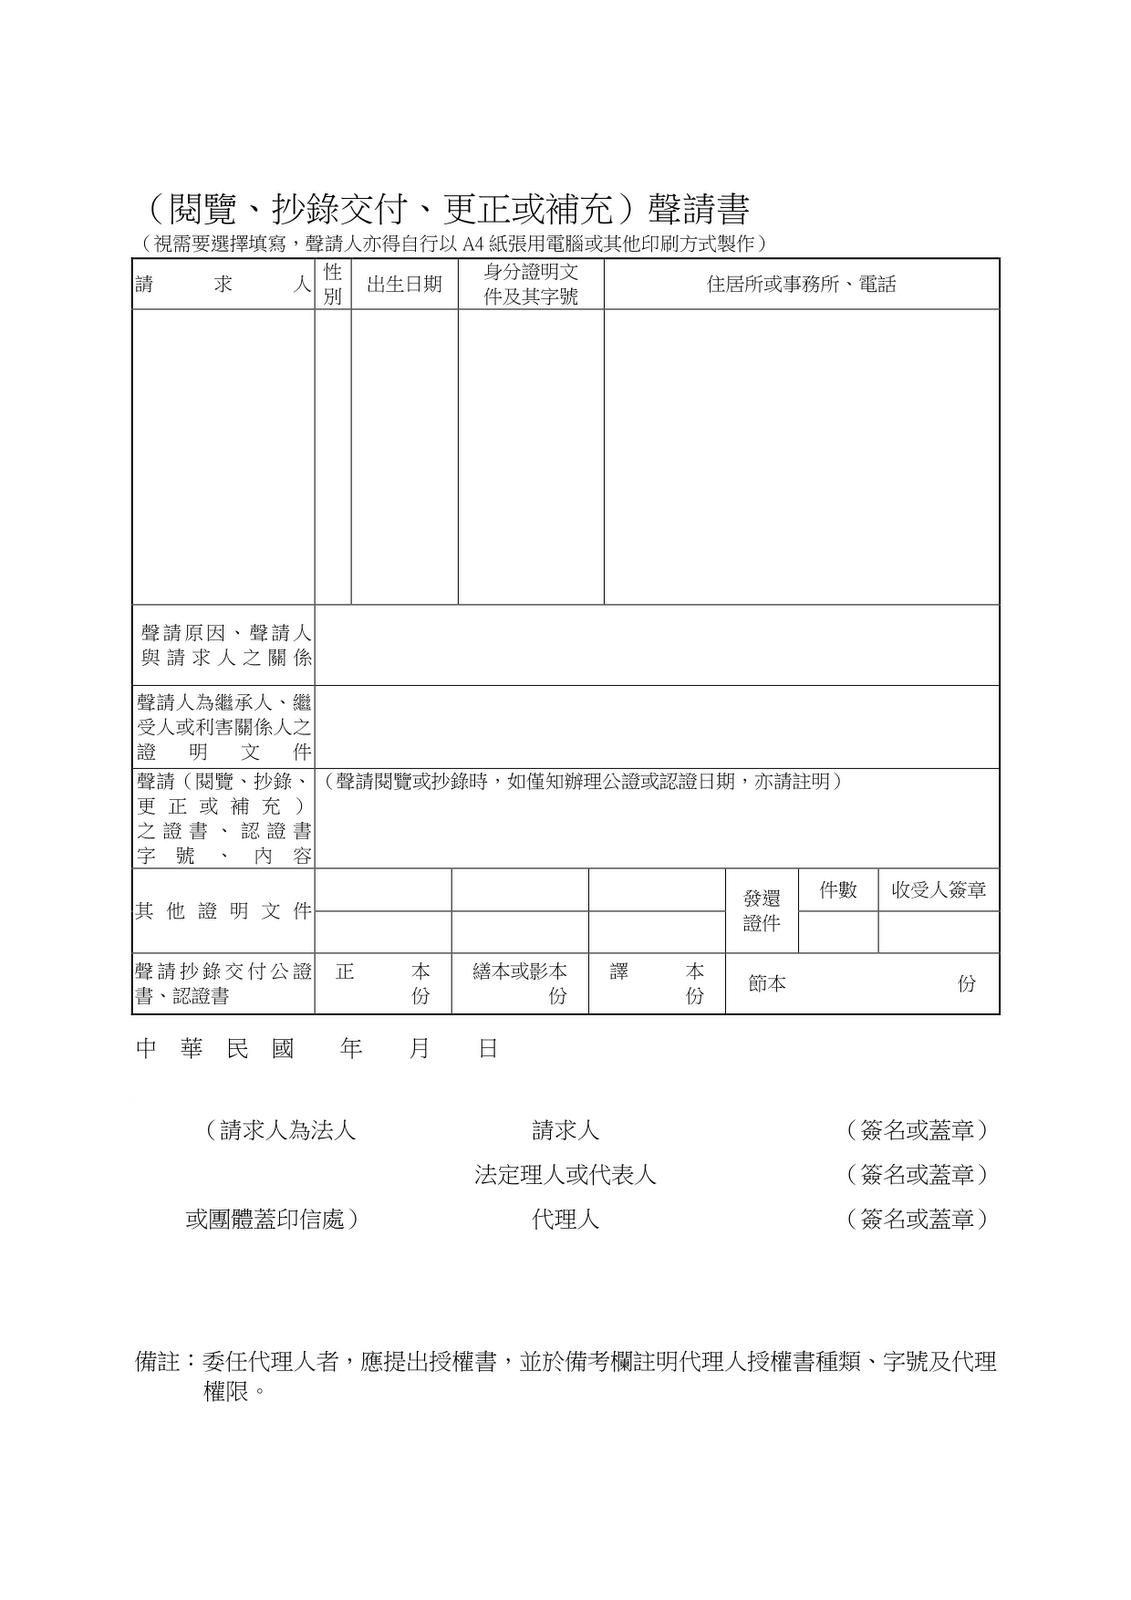 存款繼承申請書範例|申請 - 愛淘生活